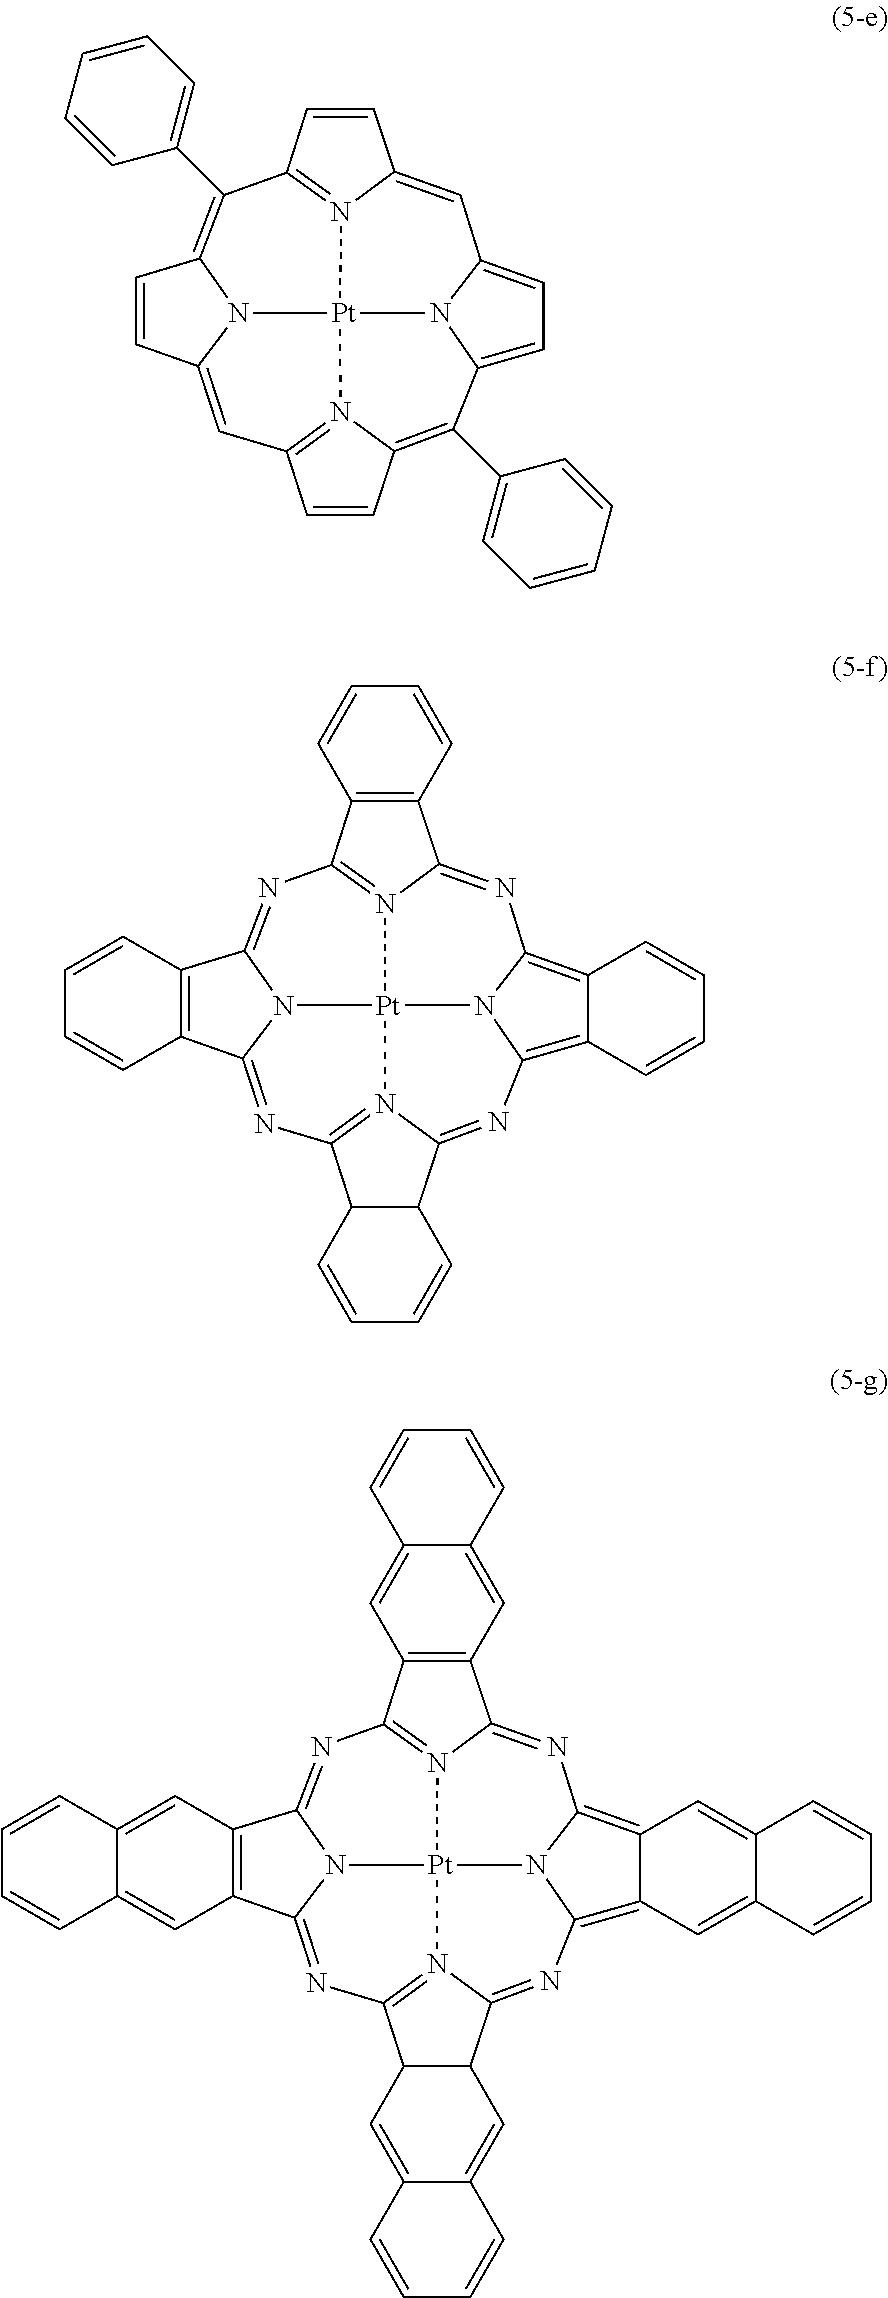 Figure US20110215312A1-20110908-C00015